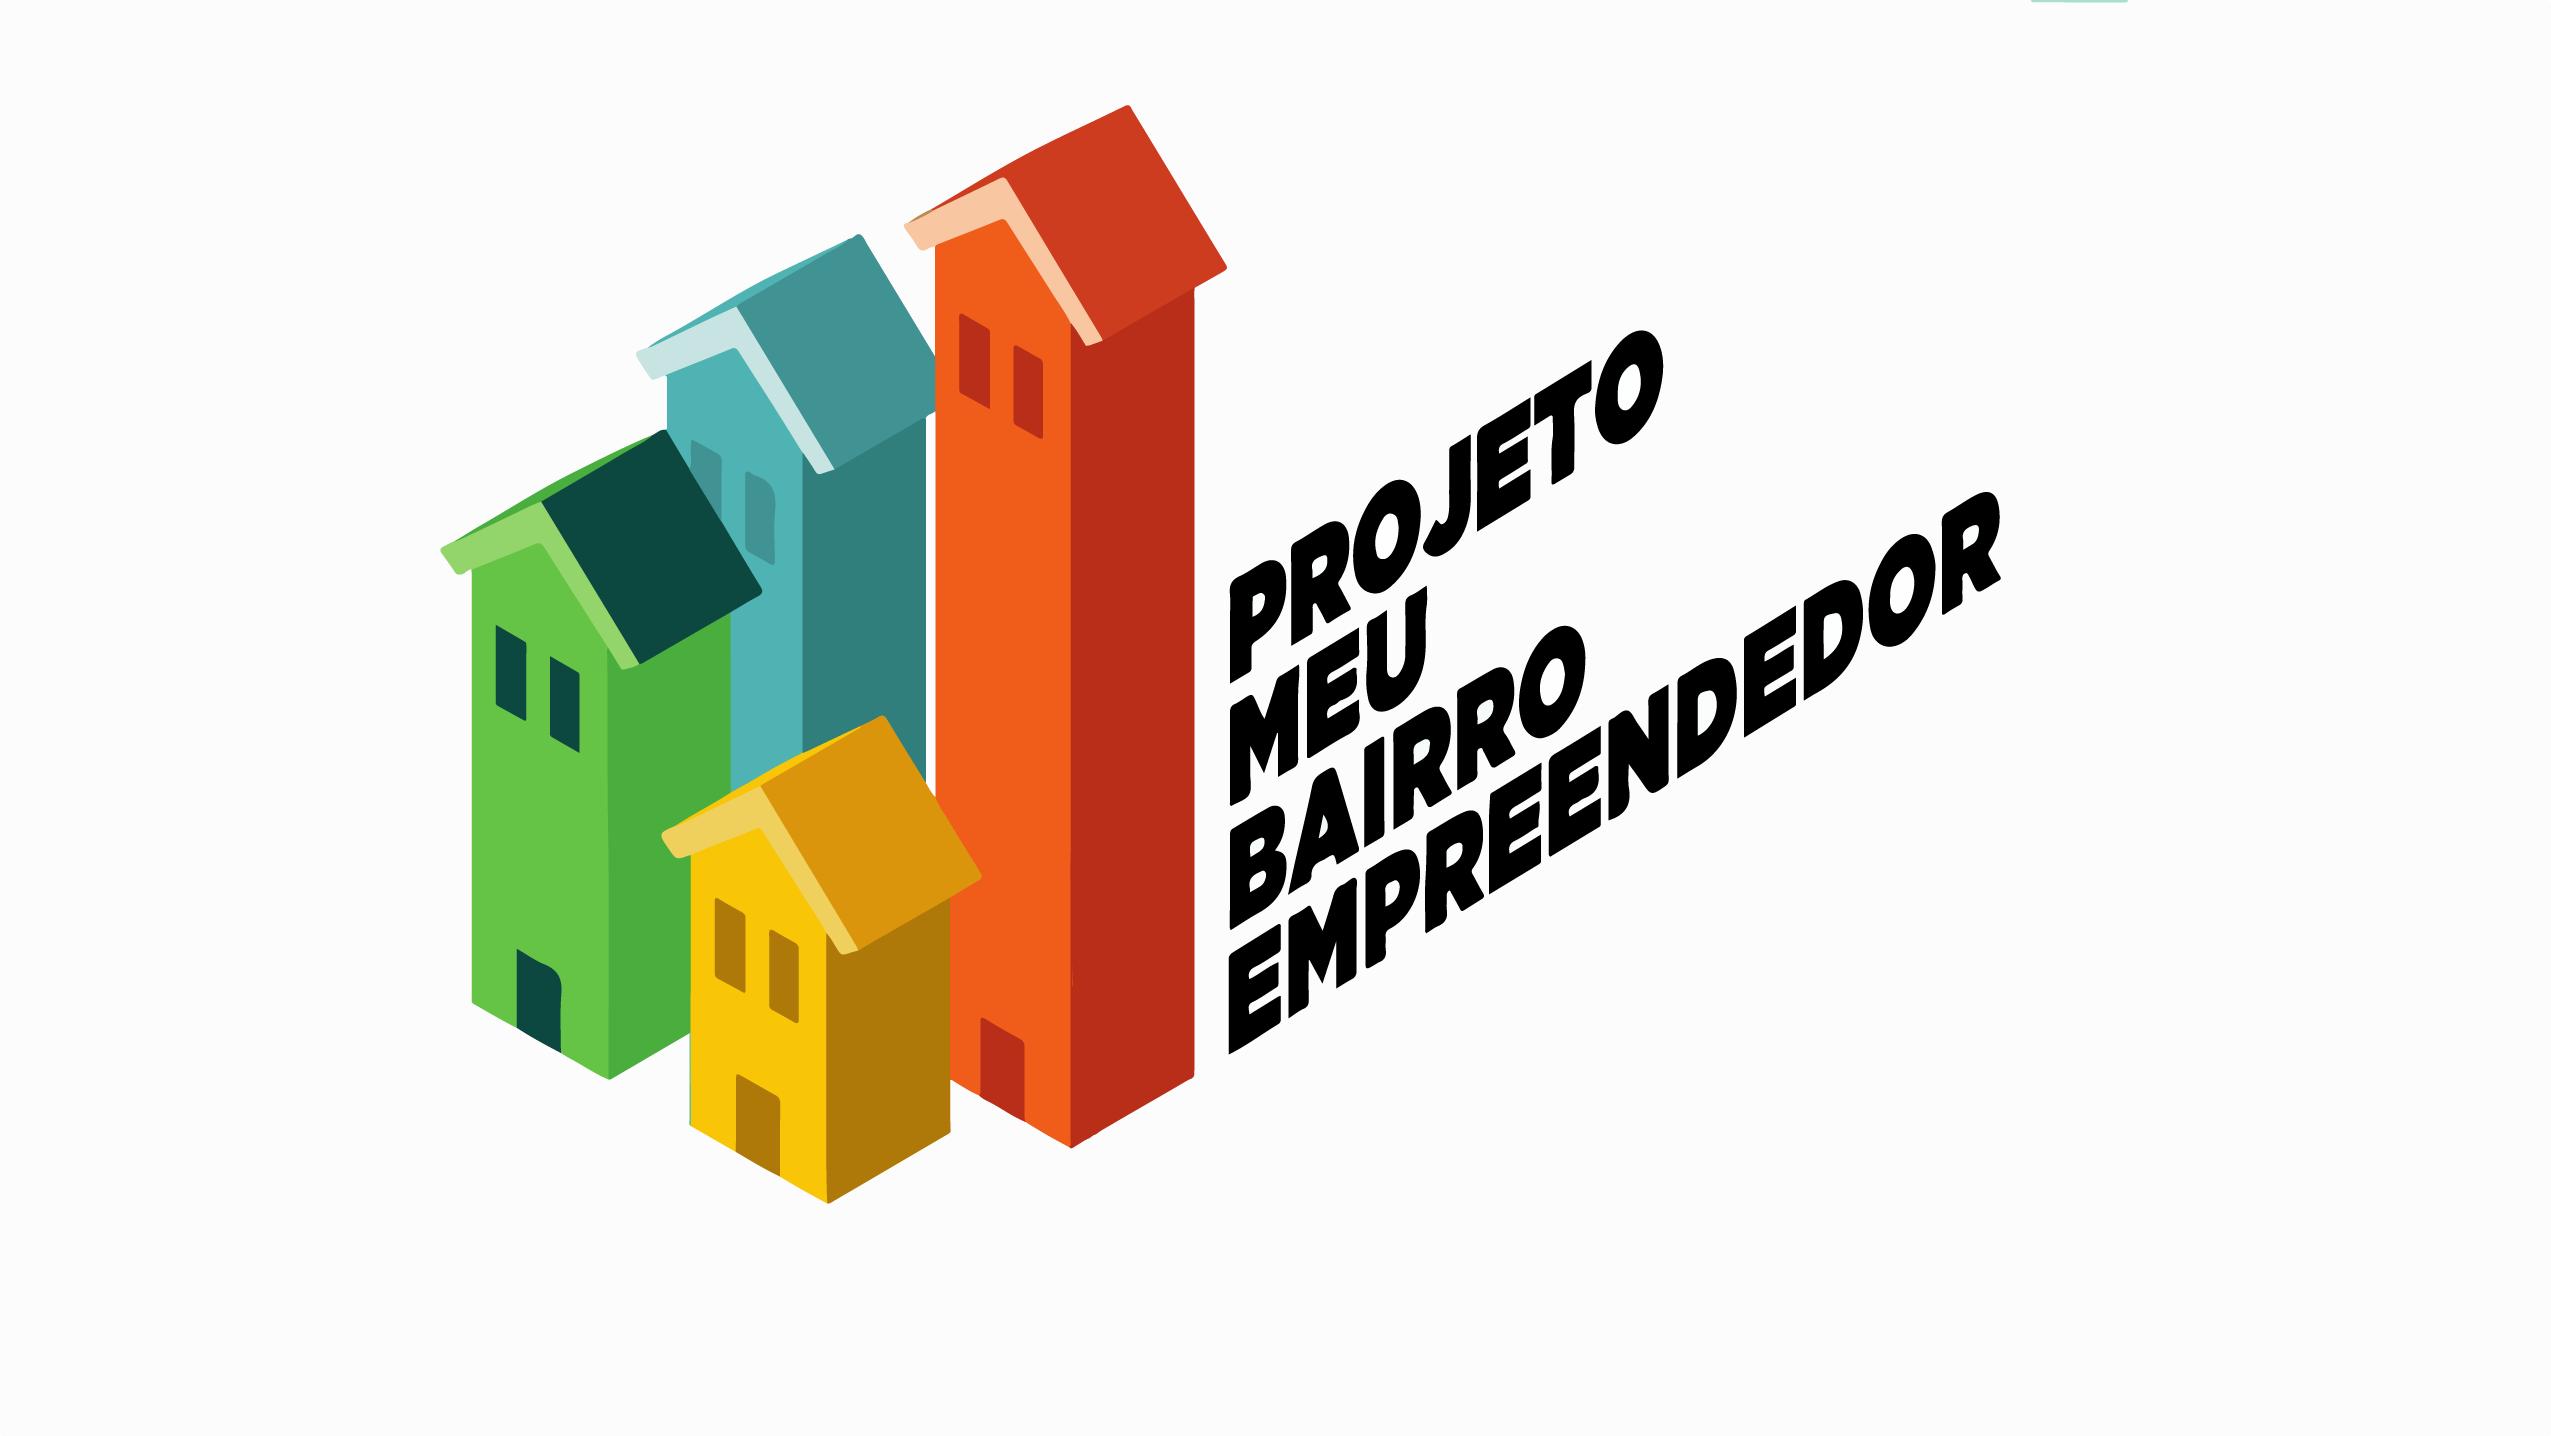 Prefeitura de Fortaleza lança Projeto Meu Bairro Empreendedor no Bom Jardim